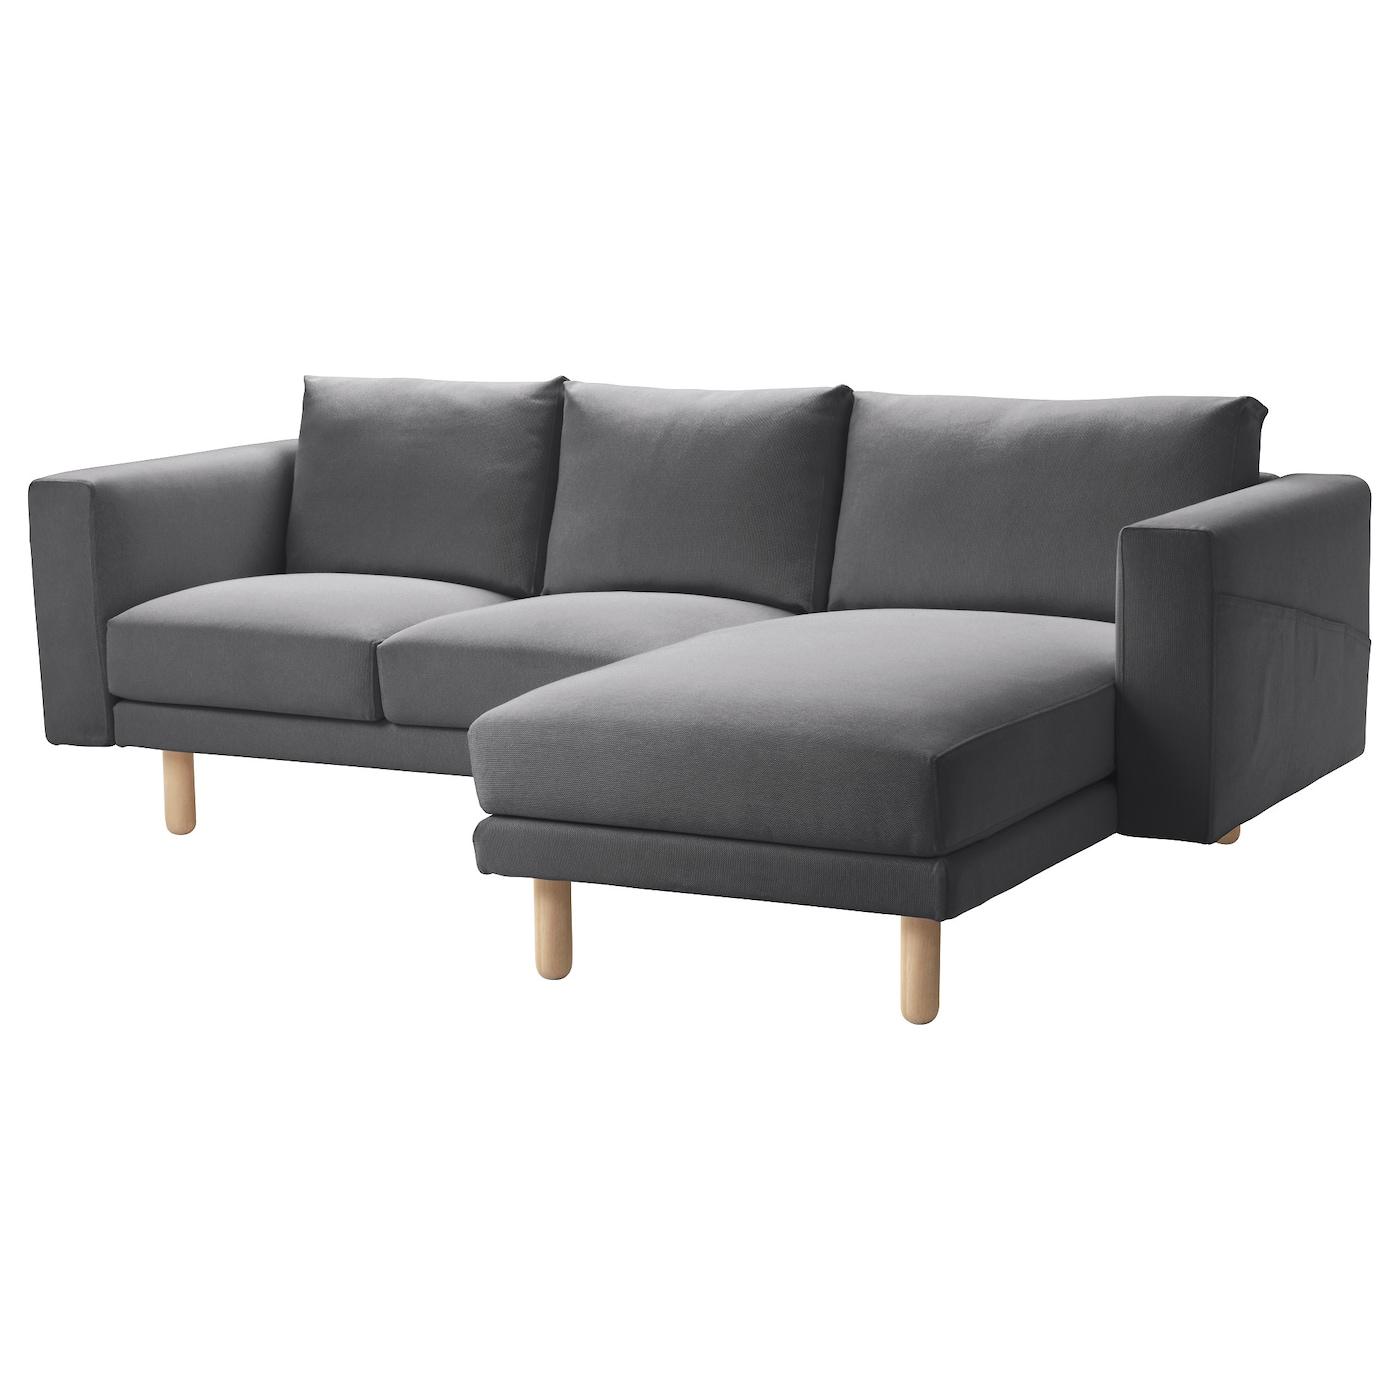 12% sparen - NORSBORG 2er Sofa mit Récamiere von IKEA nur 599 ...